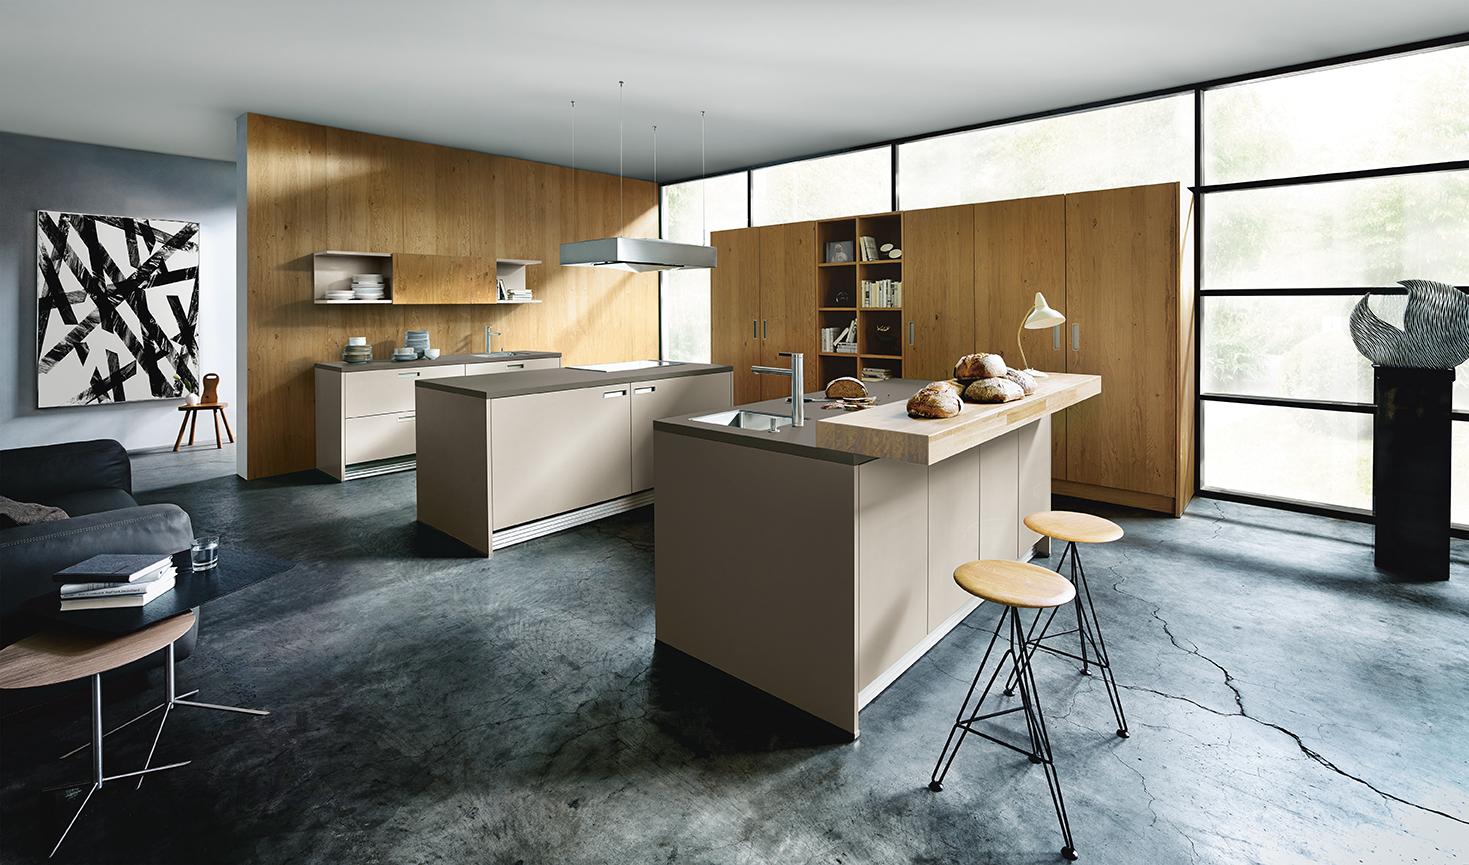 Cuisiniste couleur sable bois et placard rangement aménagement ouverte sur salon